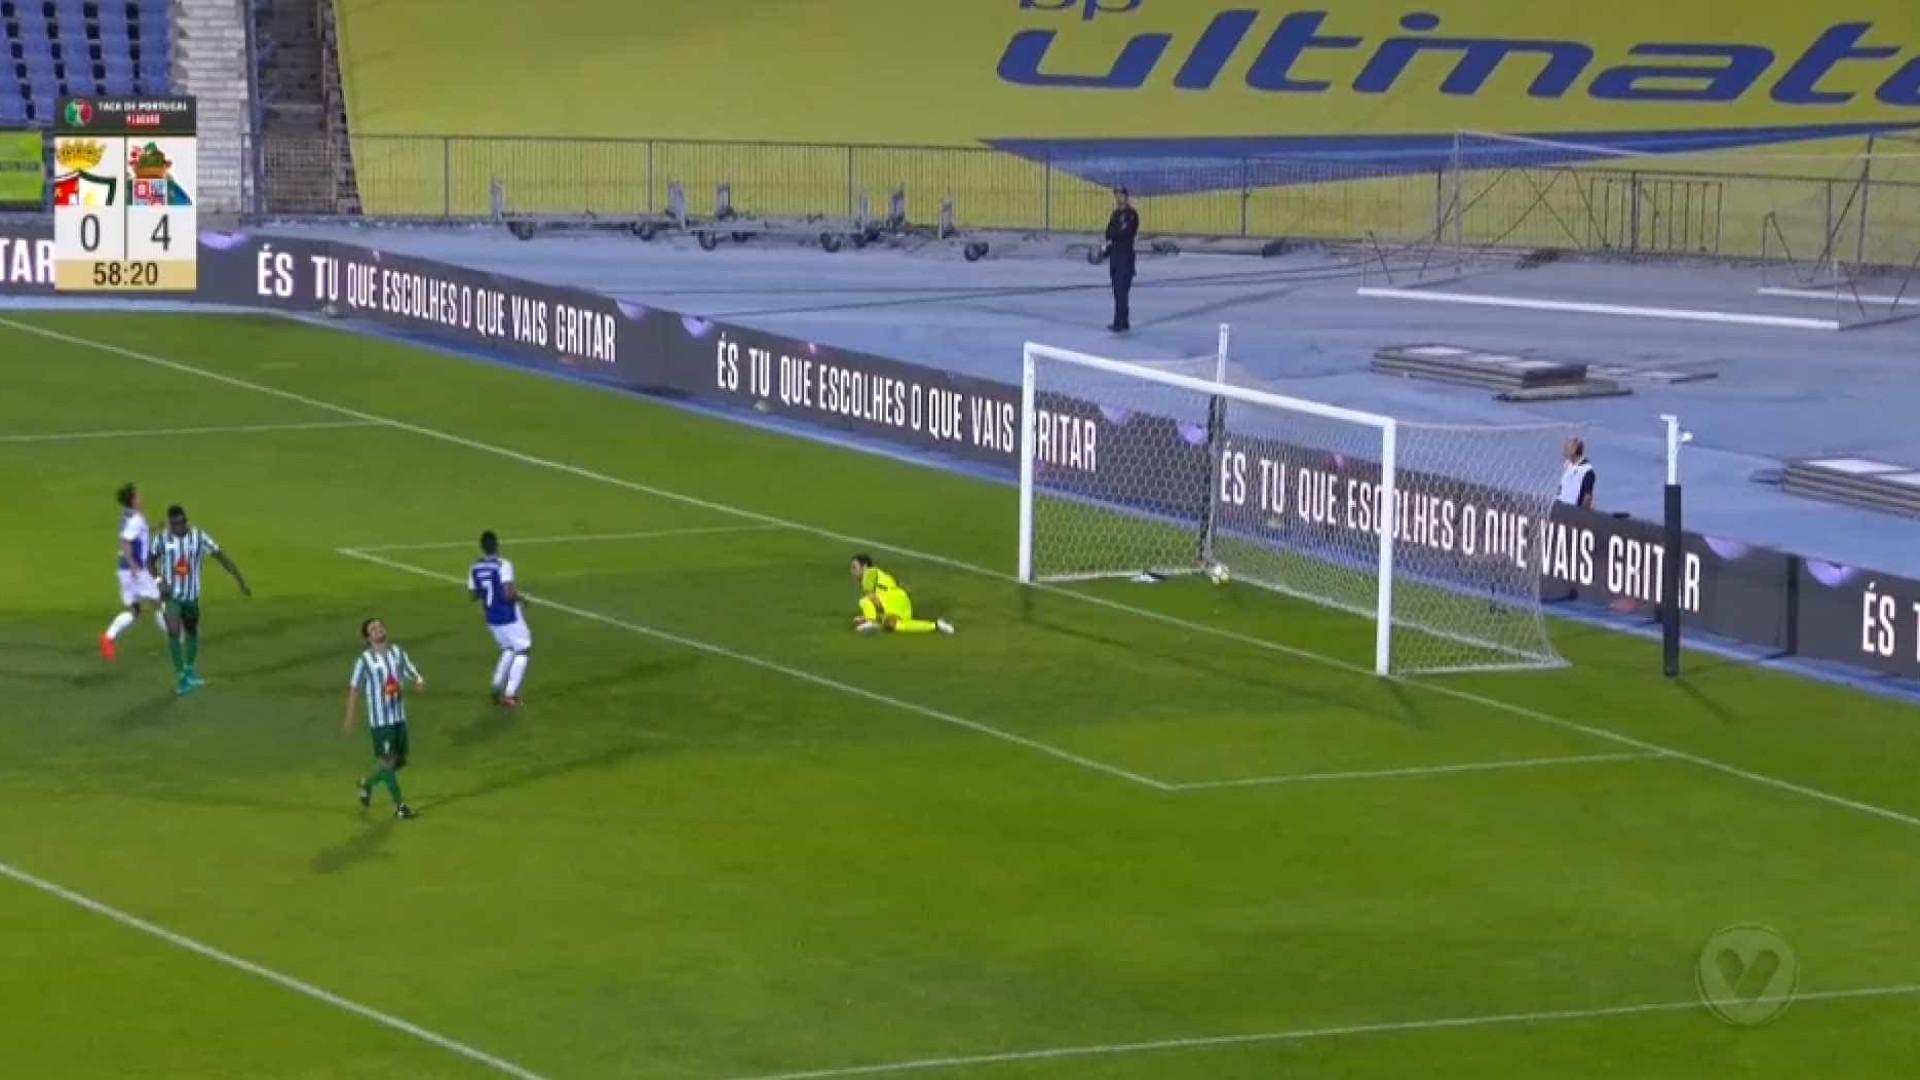 Soares é ausência confirmada para jogo da Taça devido a lesão — FC Porto